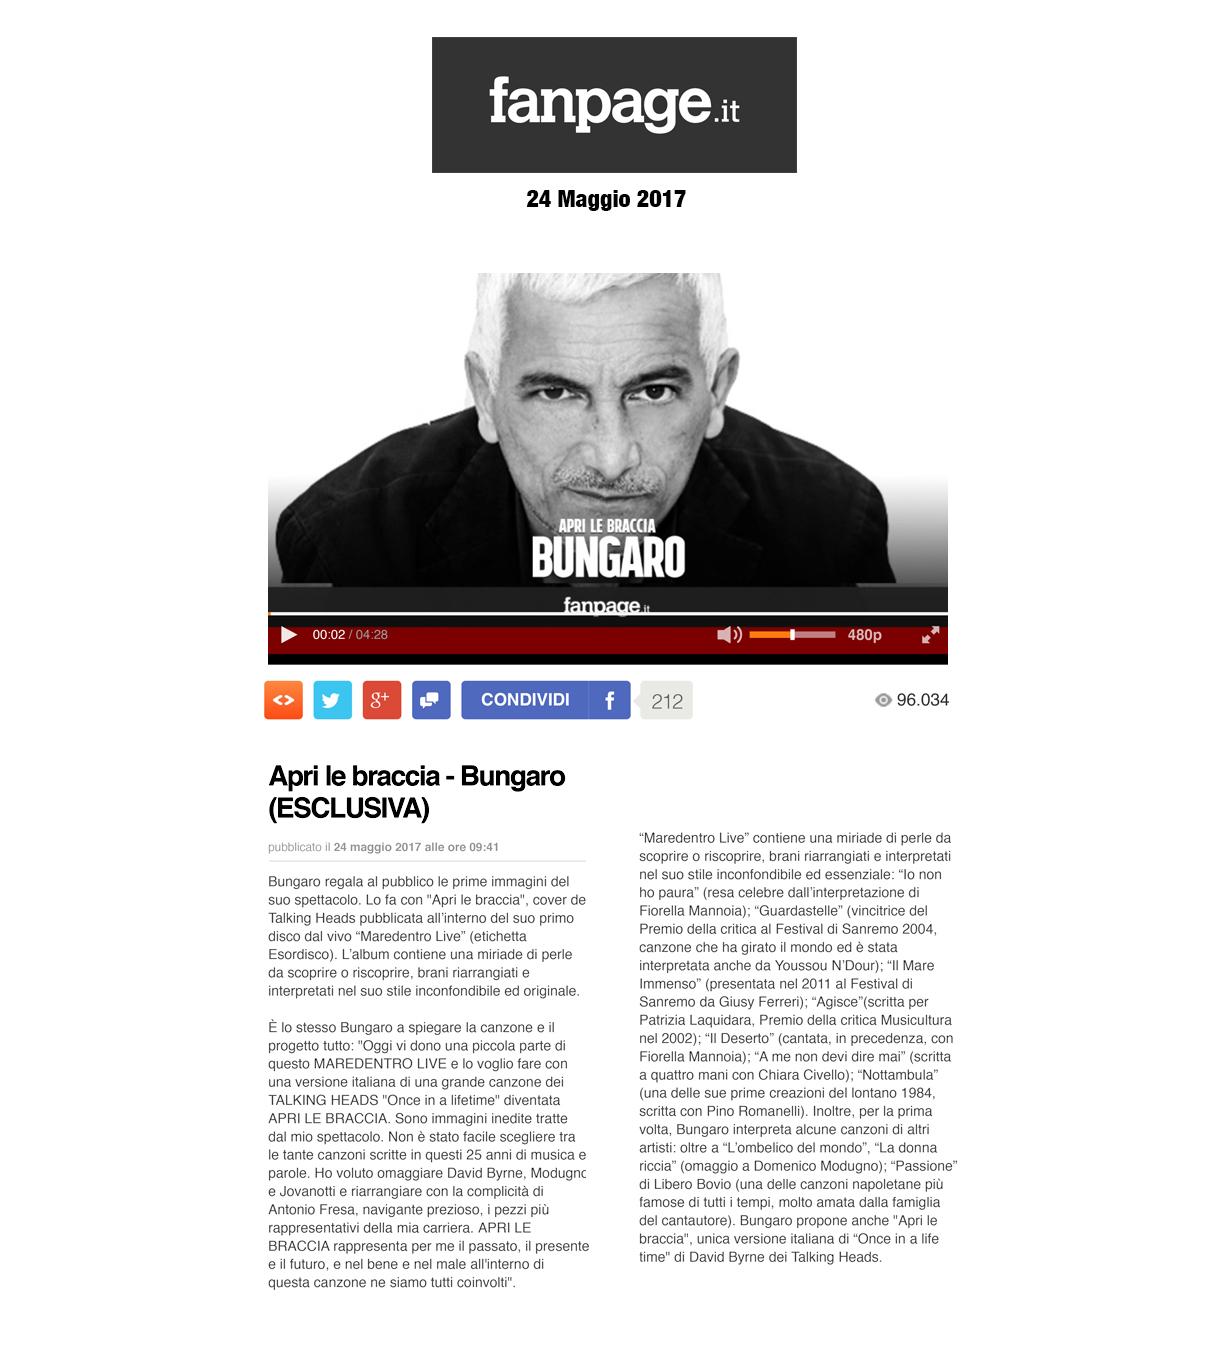 Fanpage.it